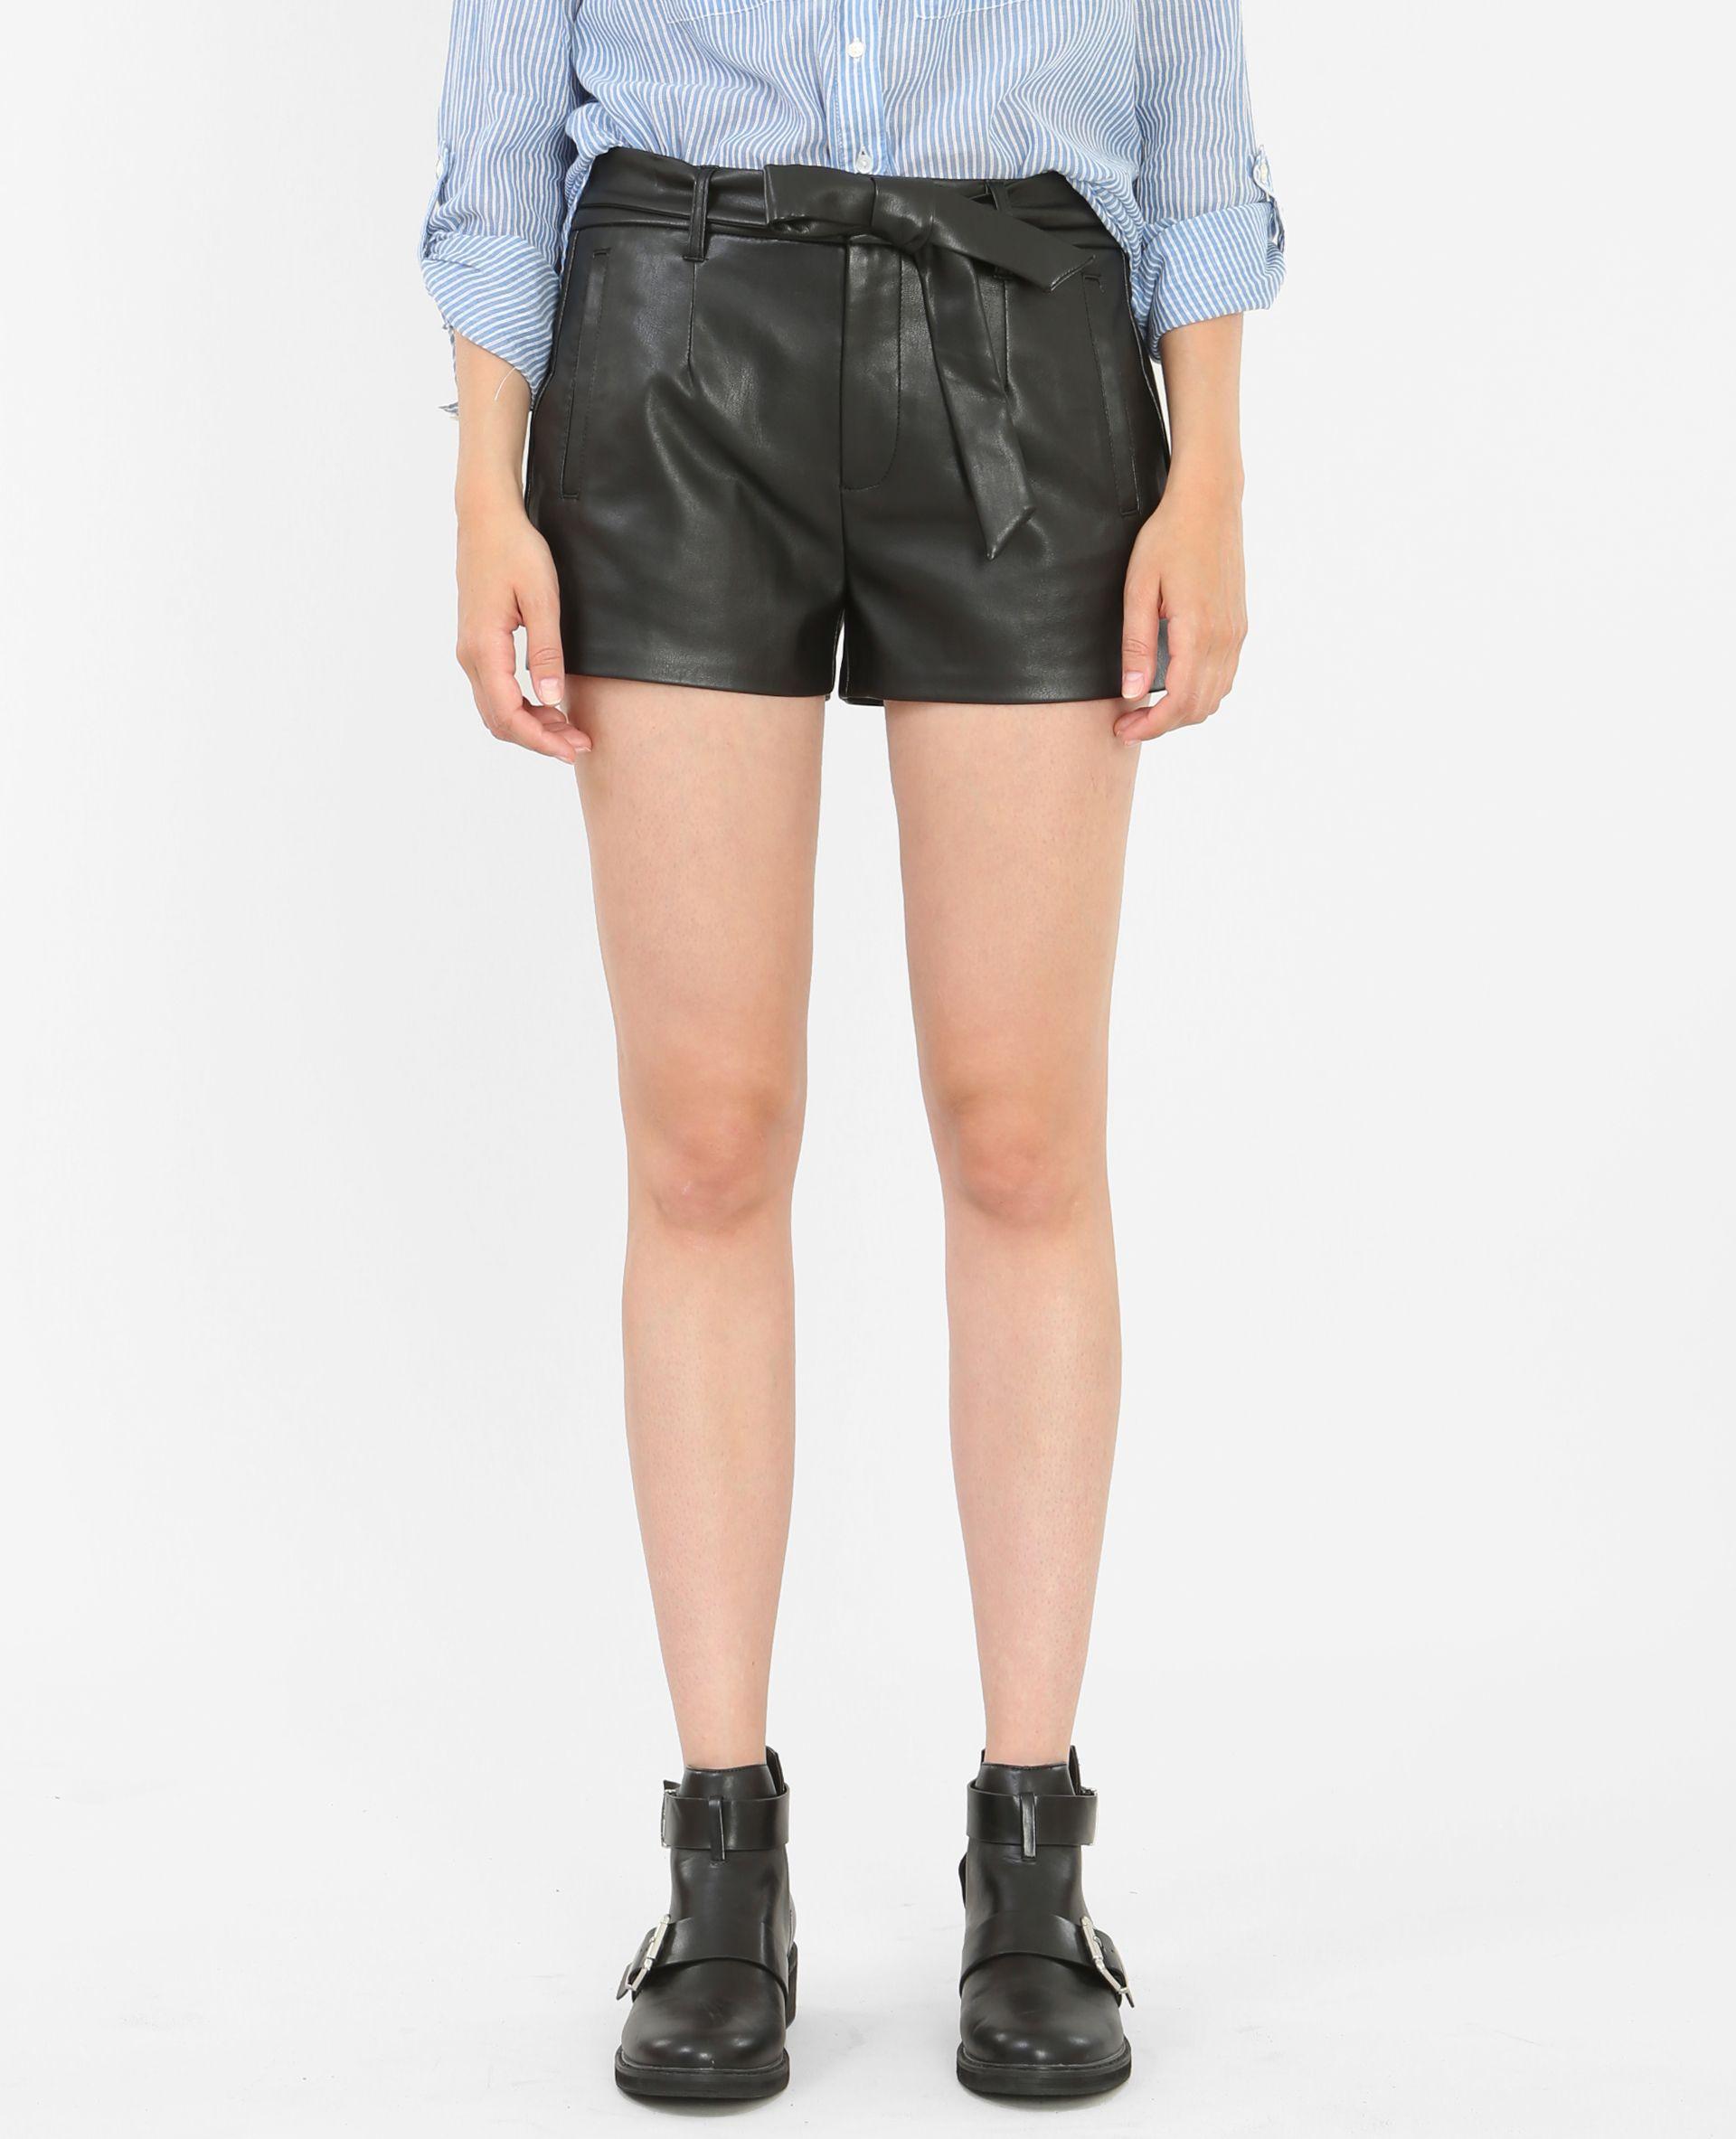 Short simili cuir - Un short rock et féminin